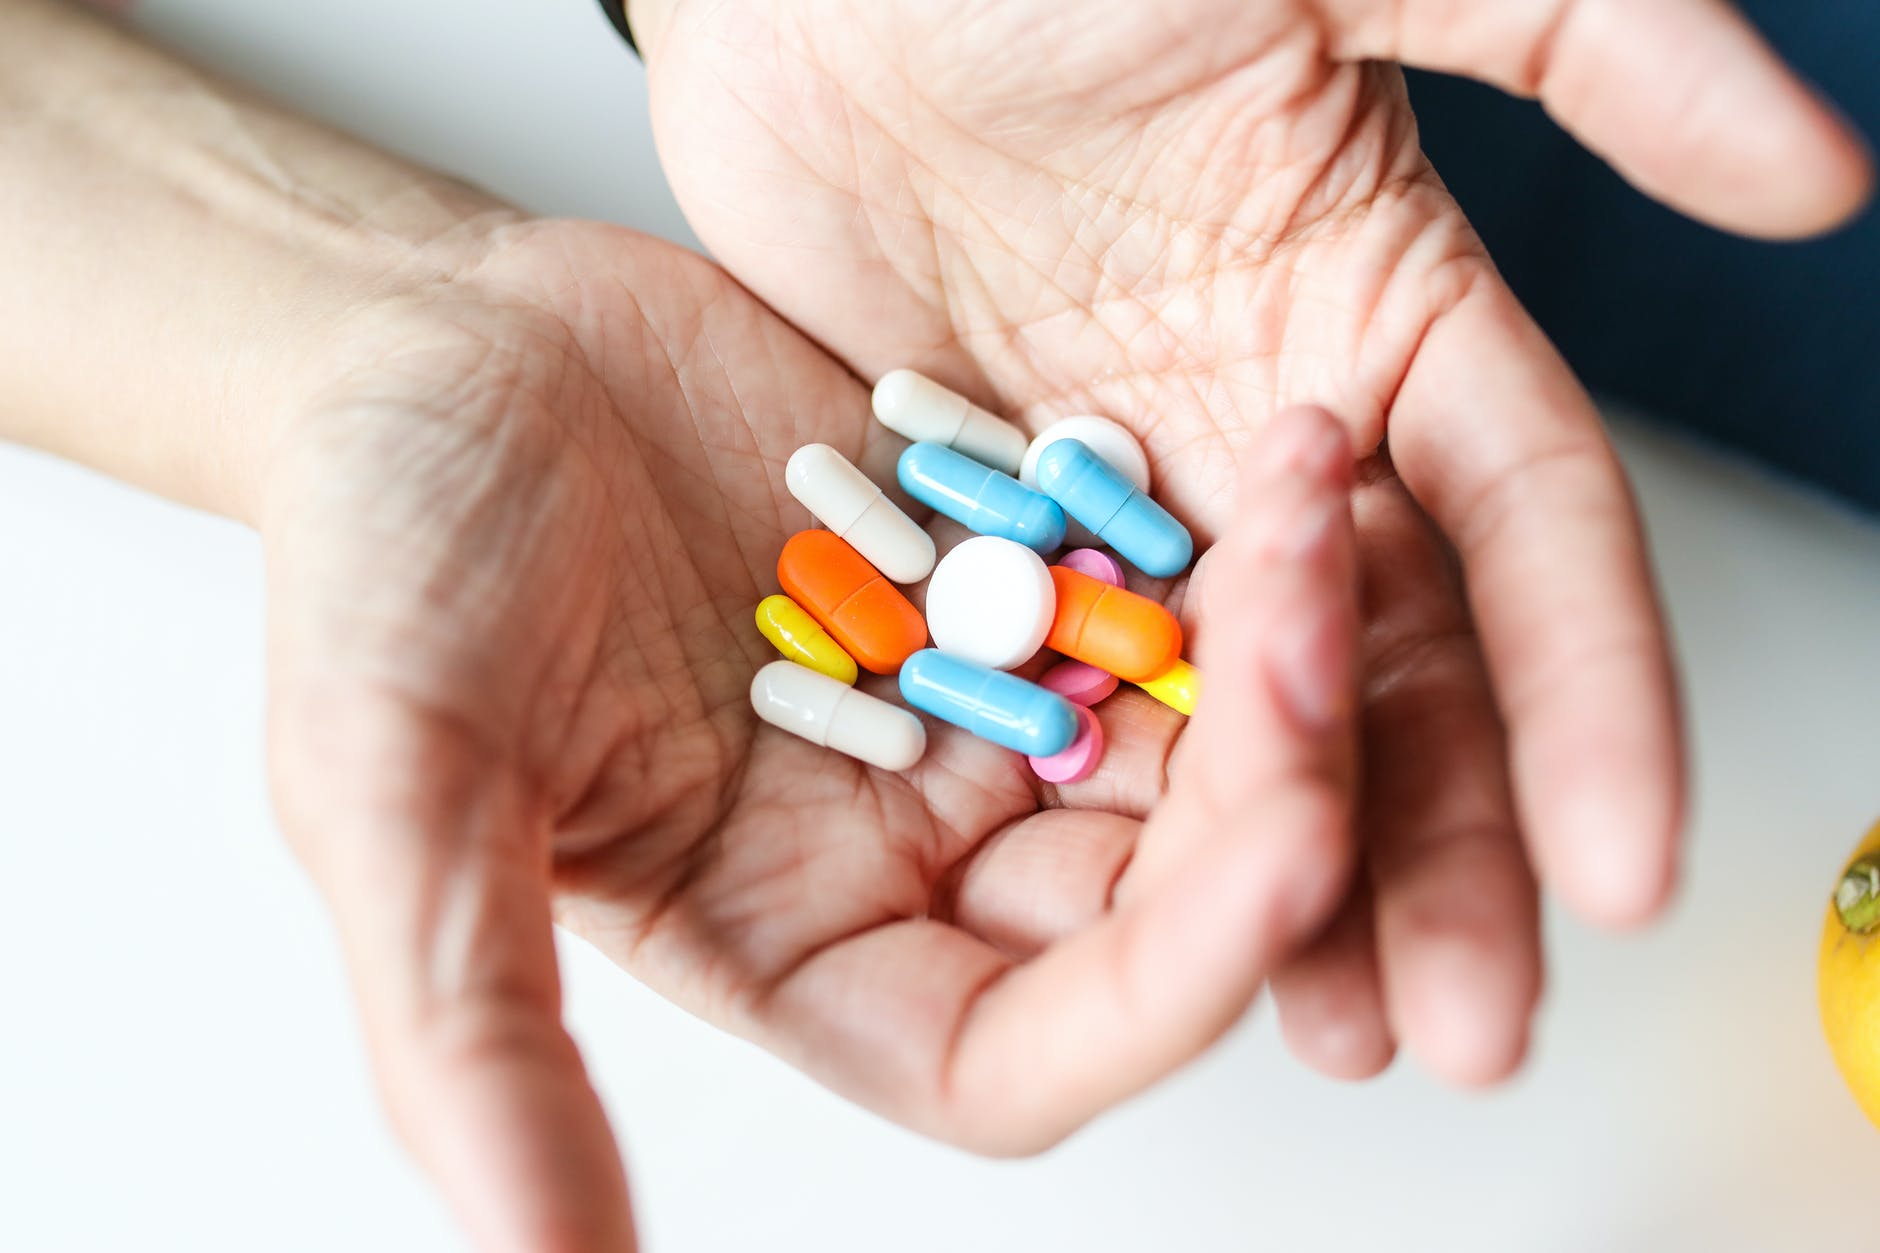 Est-ce que vous avez un produit vitamine, anti-douleur ou un traitement ? 2